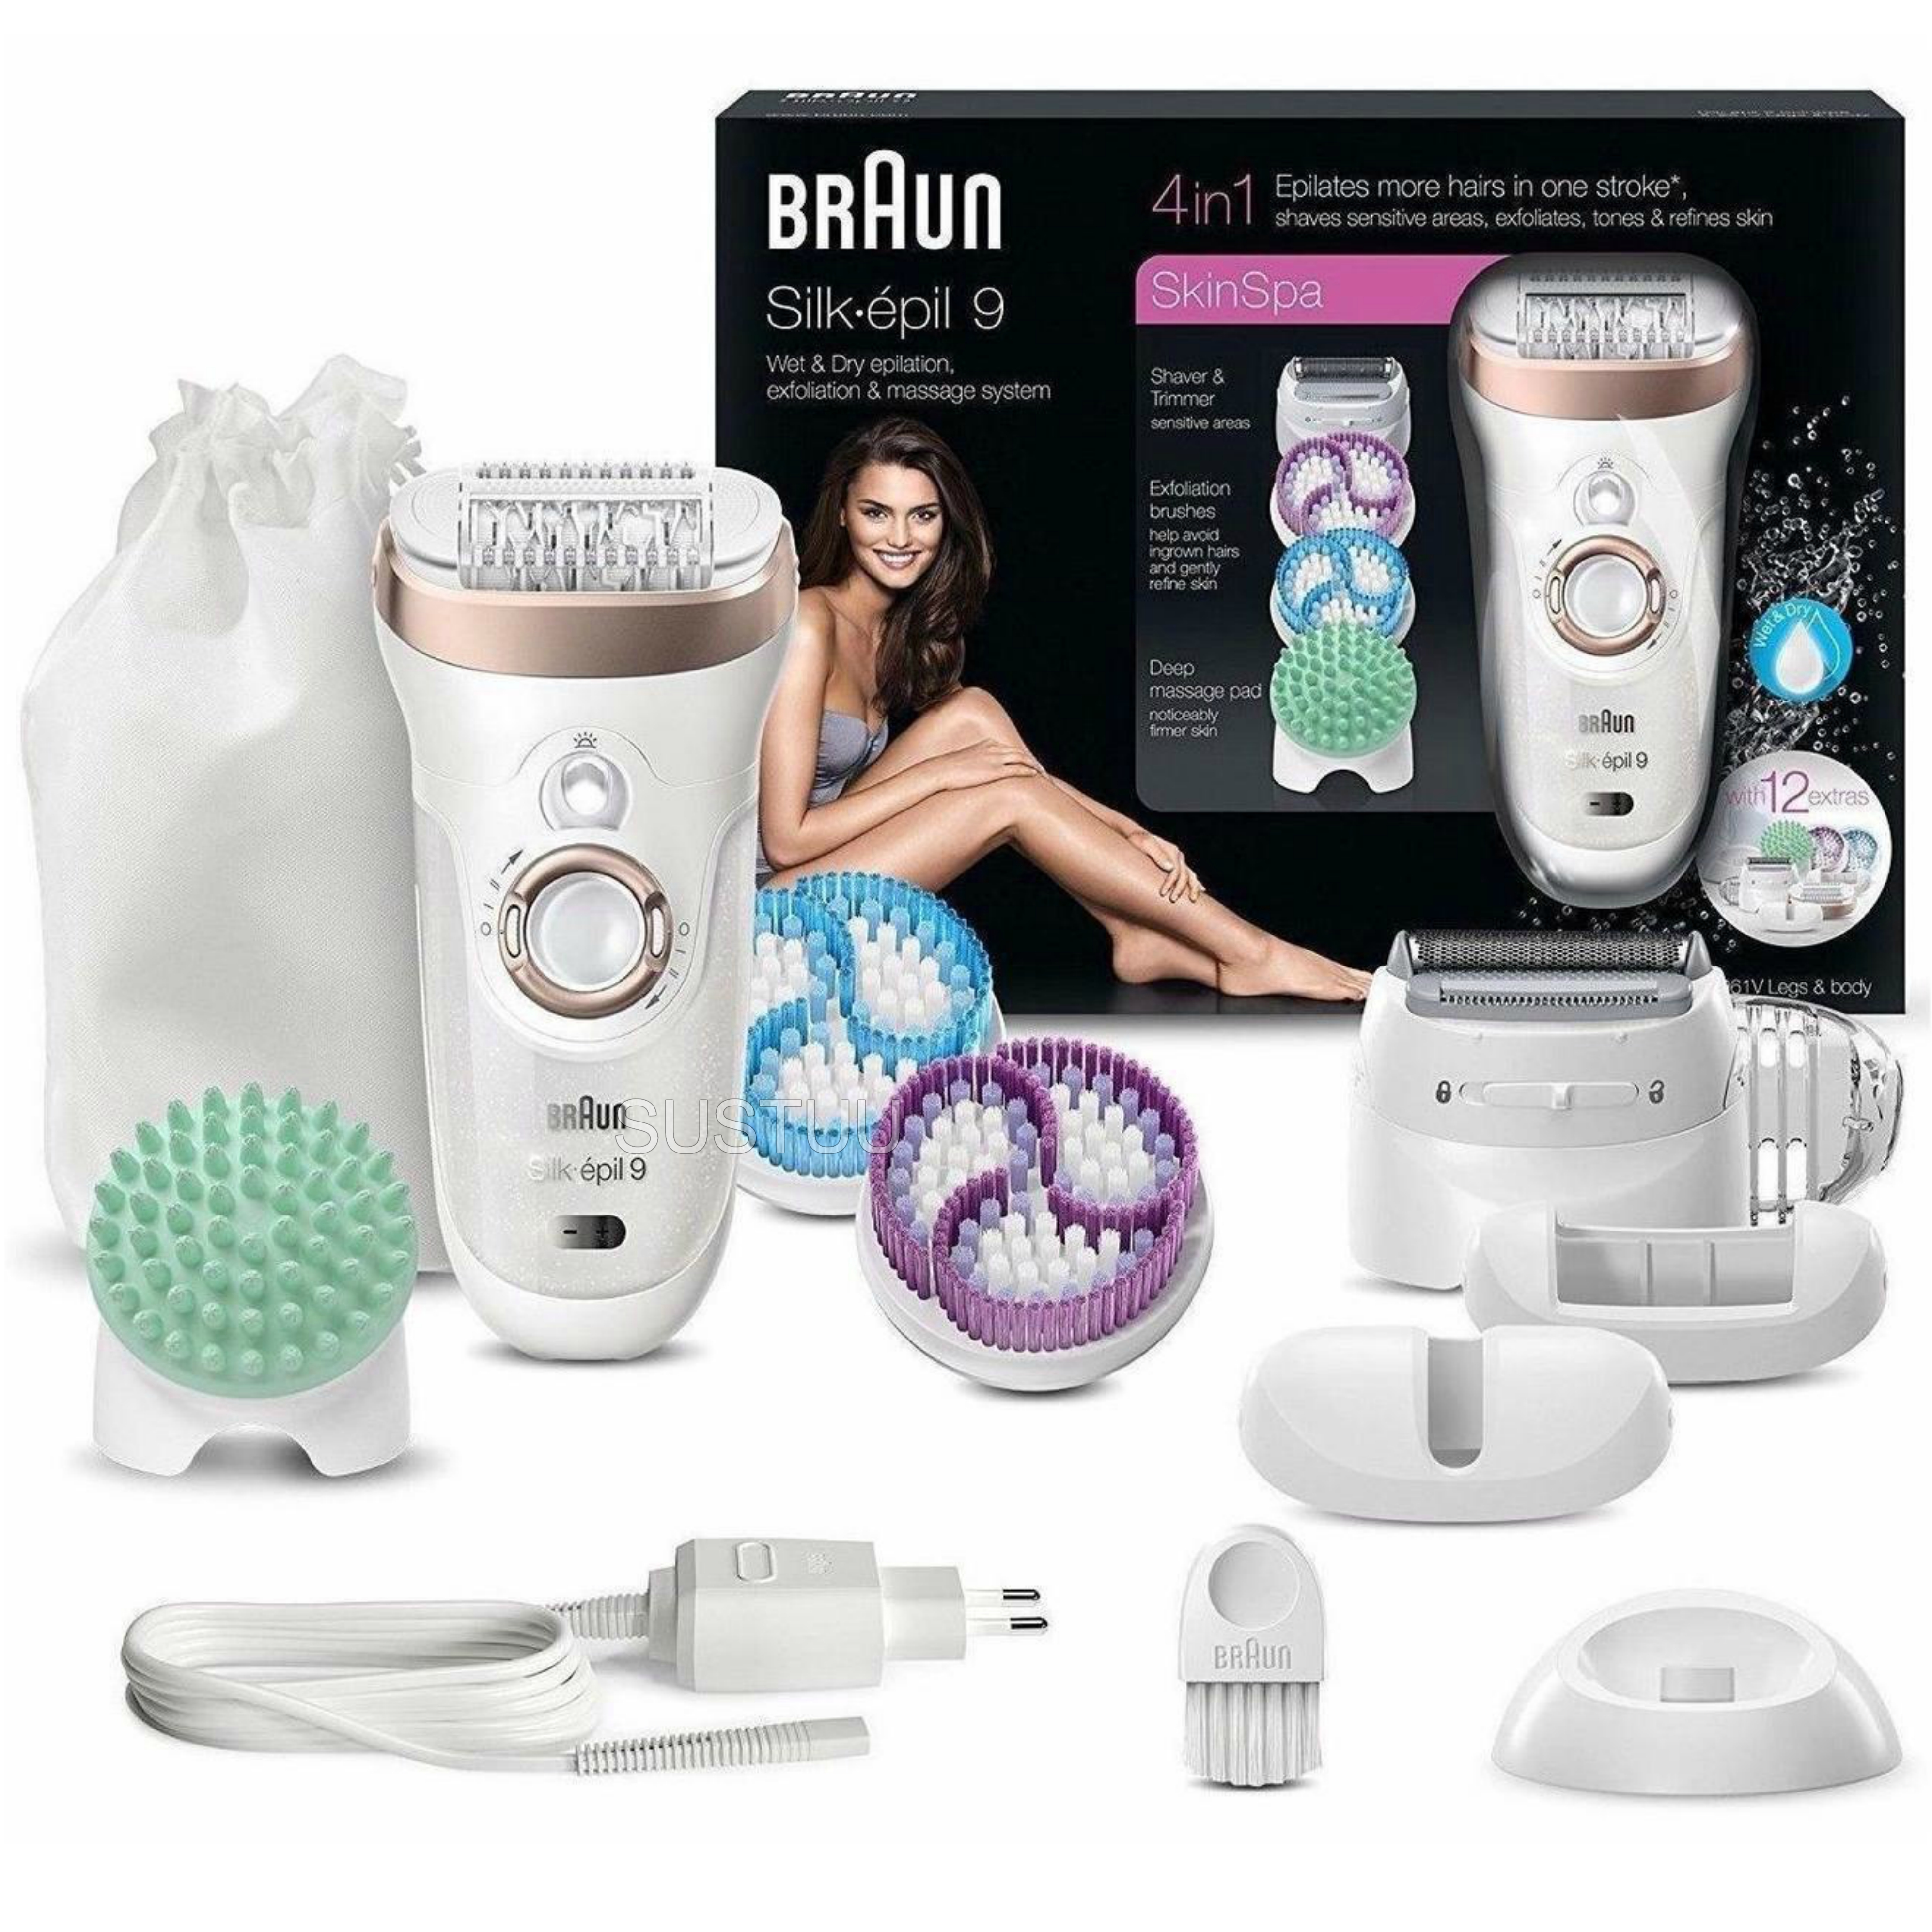 Braun Silk-Epil 9 Skin Spa | Epilation-Exfoliation & Massage System 4 in 1 | SE9961